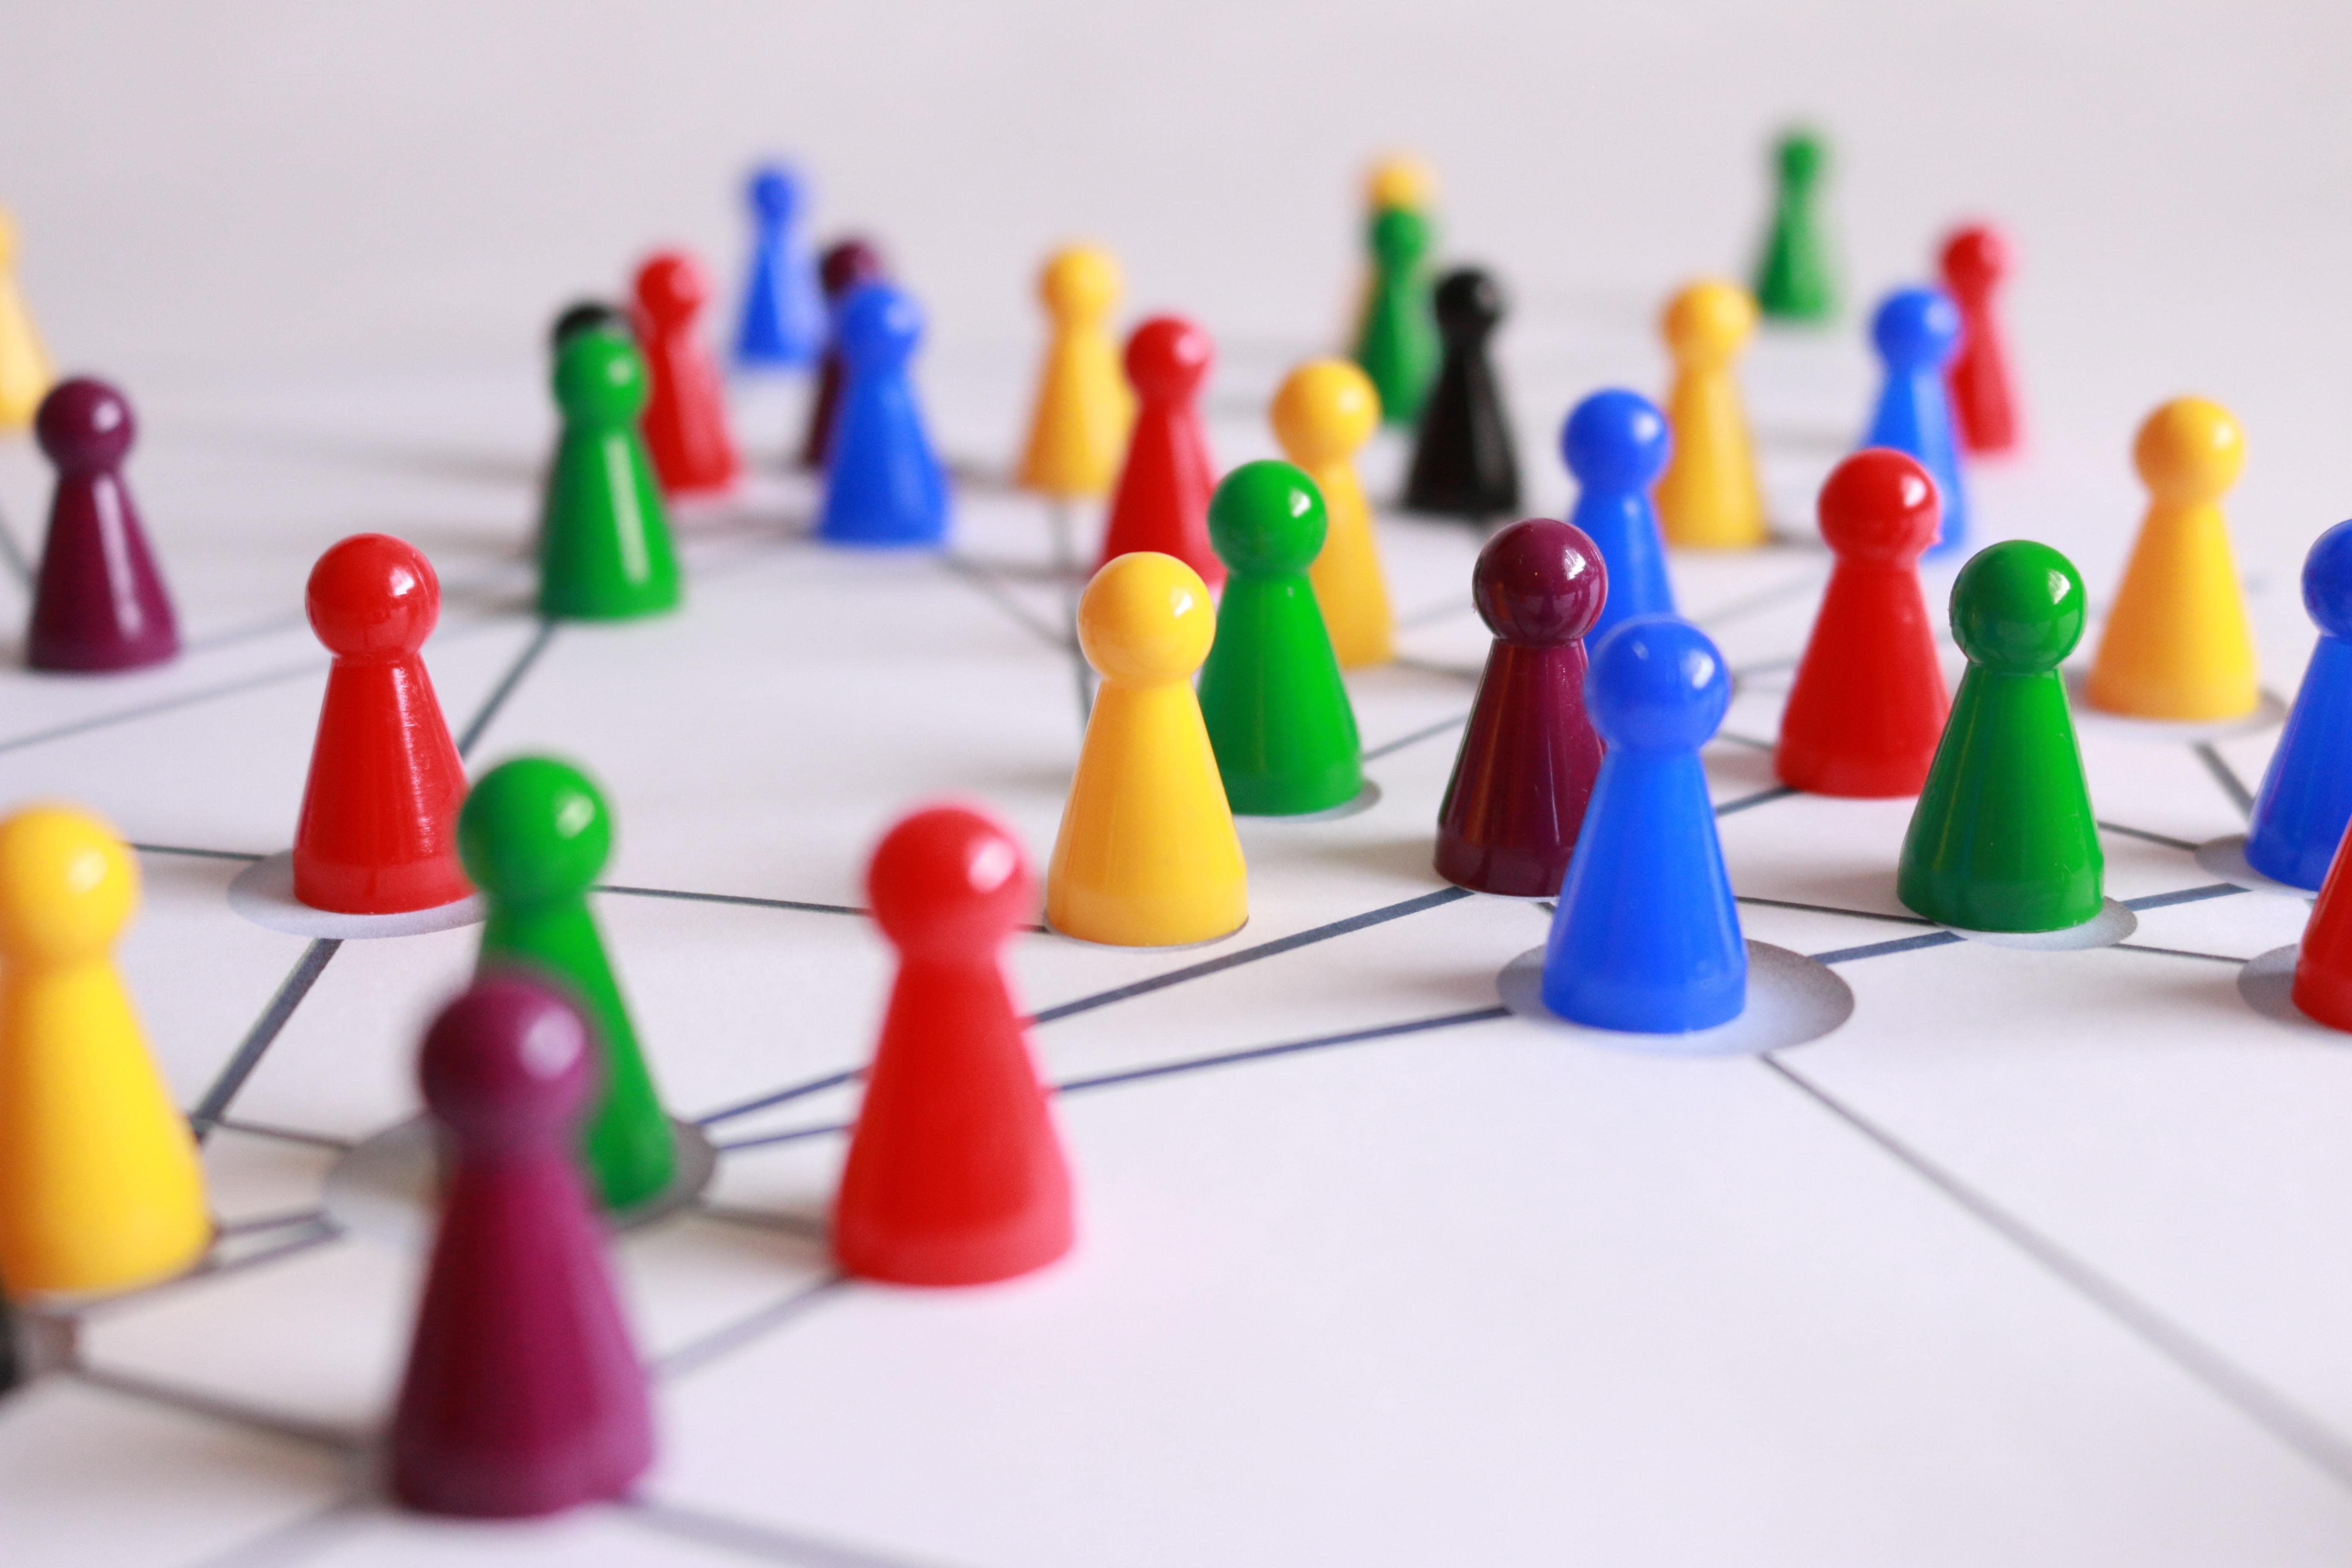 photo de pions sur une carte illustrant la notion de participation citoyenne